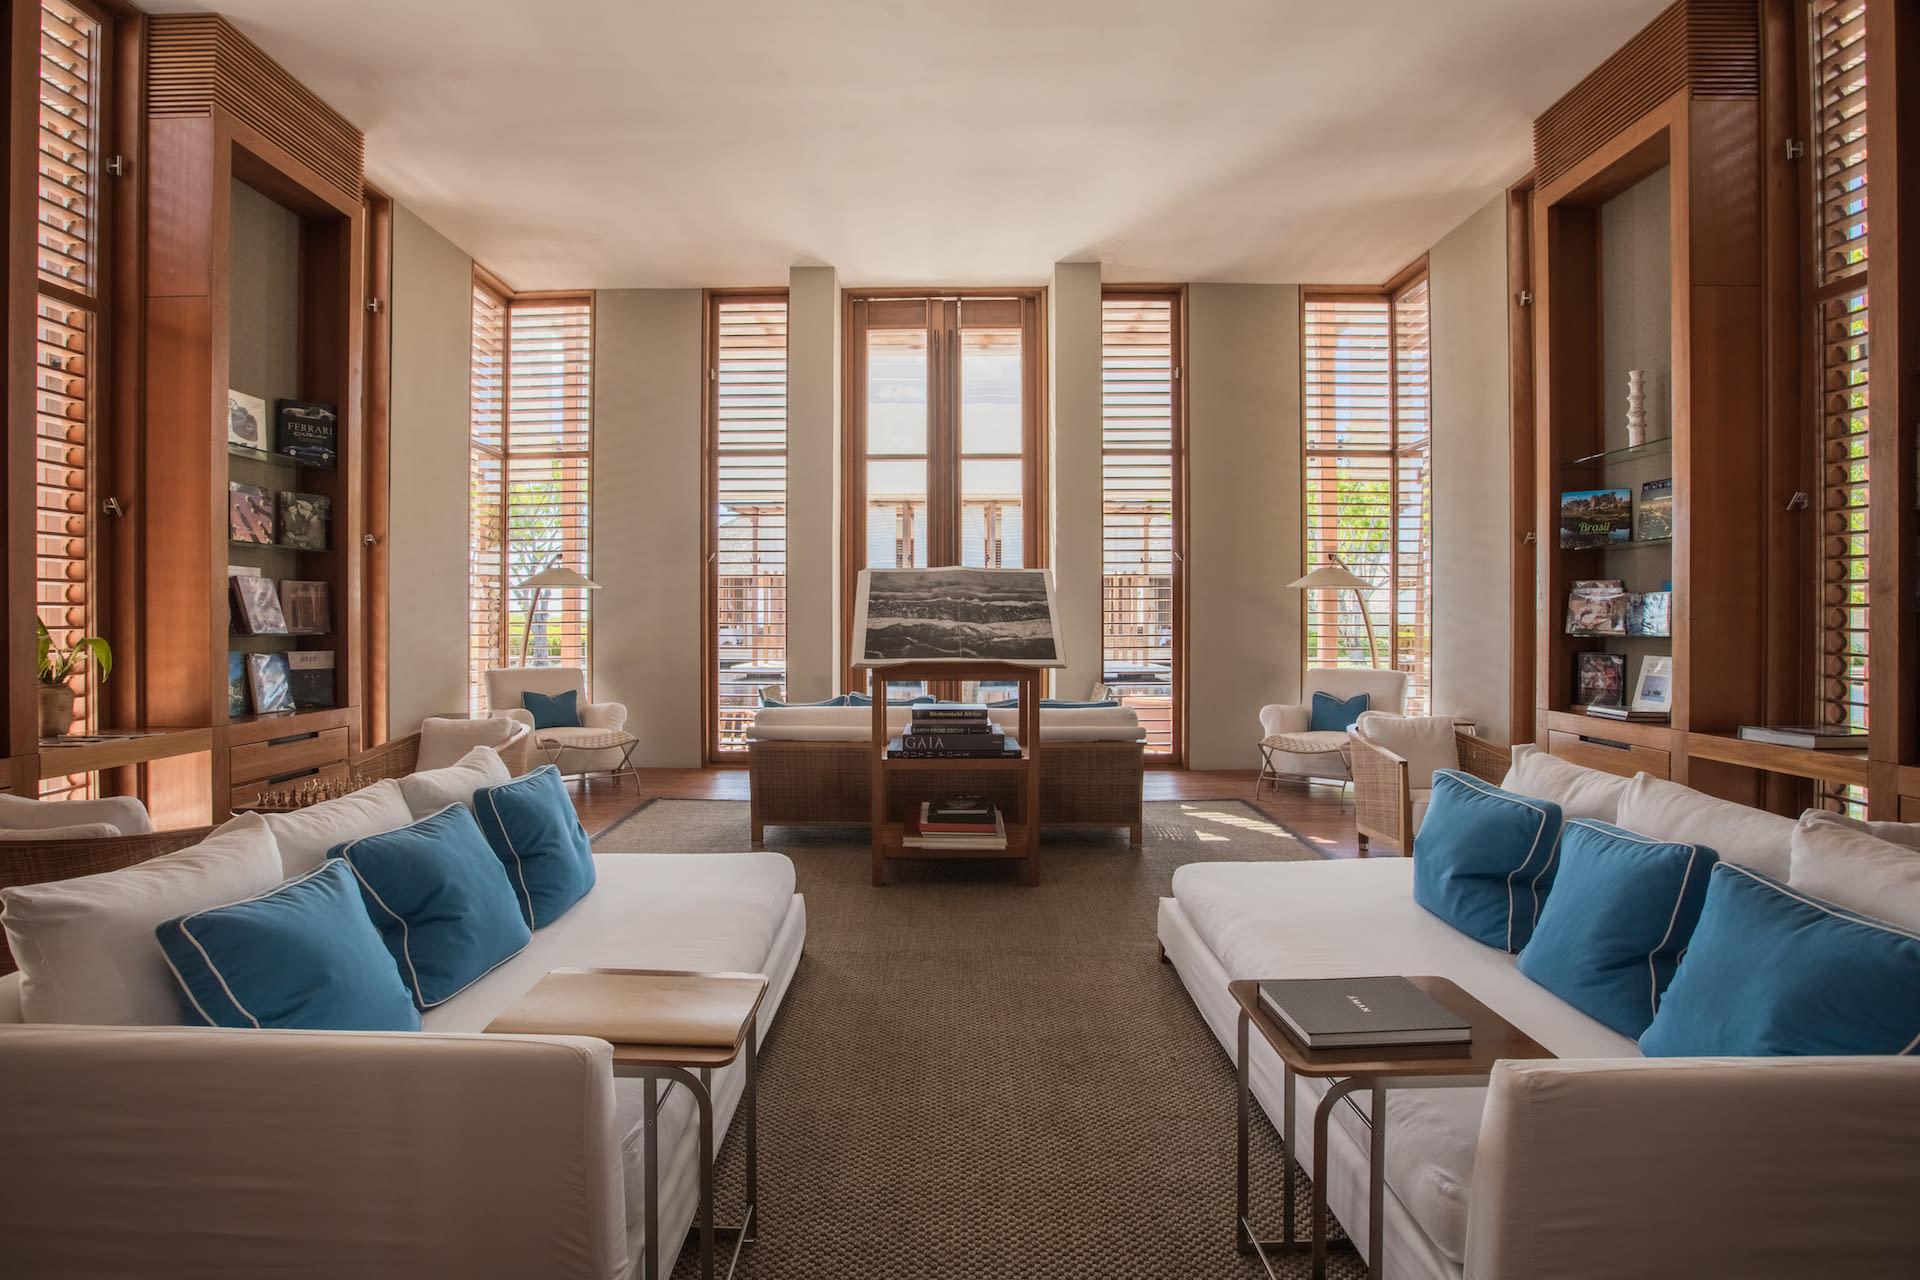 Aman eröffnet neues Luxushotel in Miami Beach 4